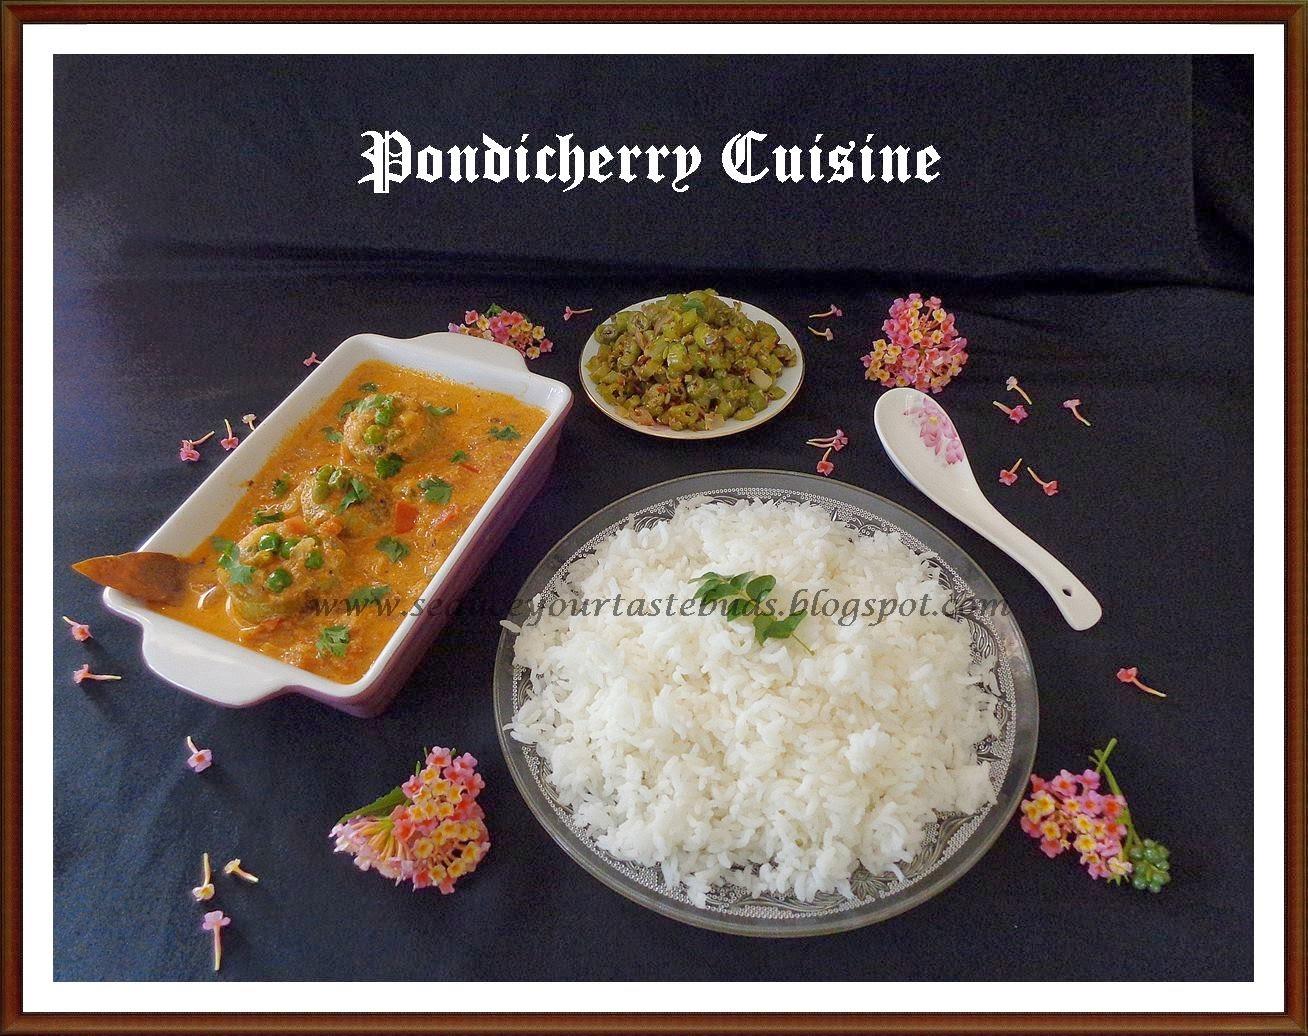 Urulaikizhangu Podalangai Turuttu Curry & Beans Fugath - Pondicherry